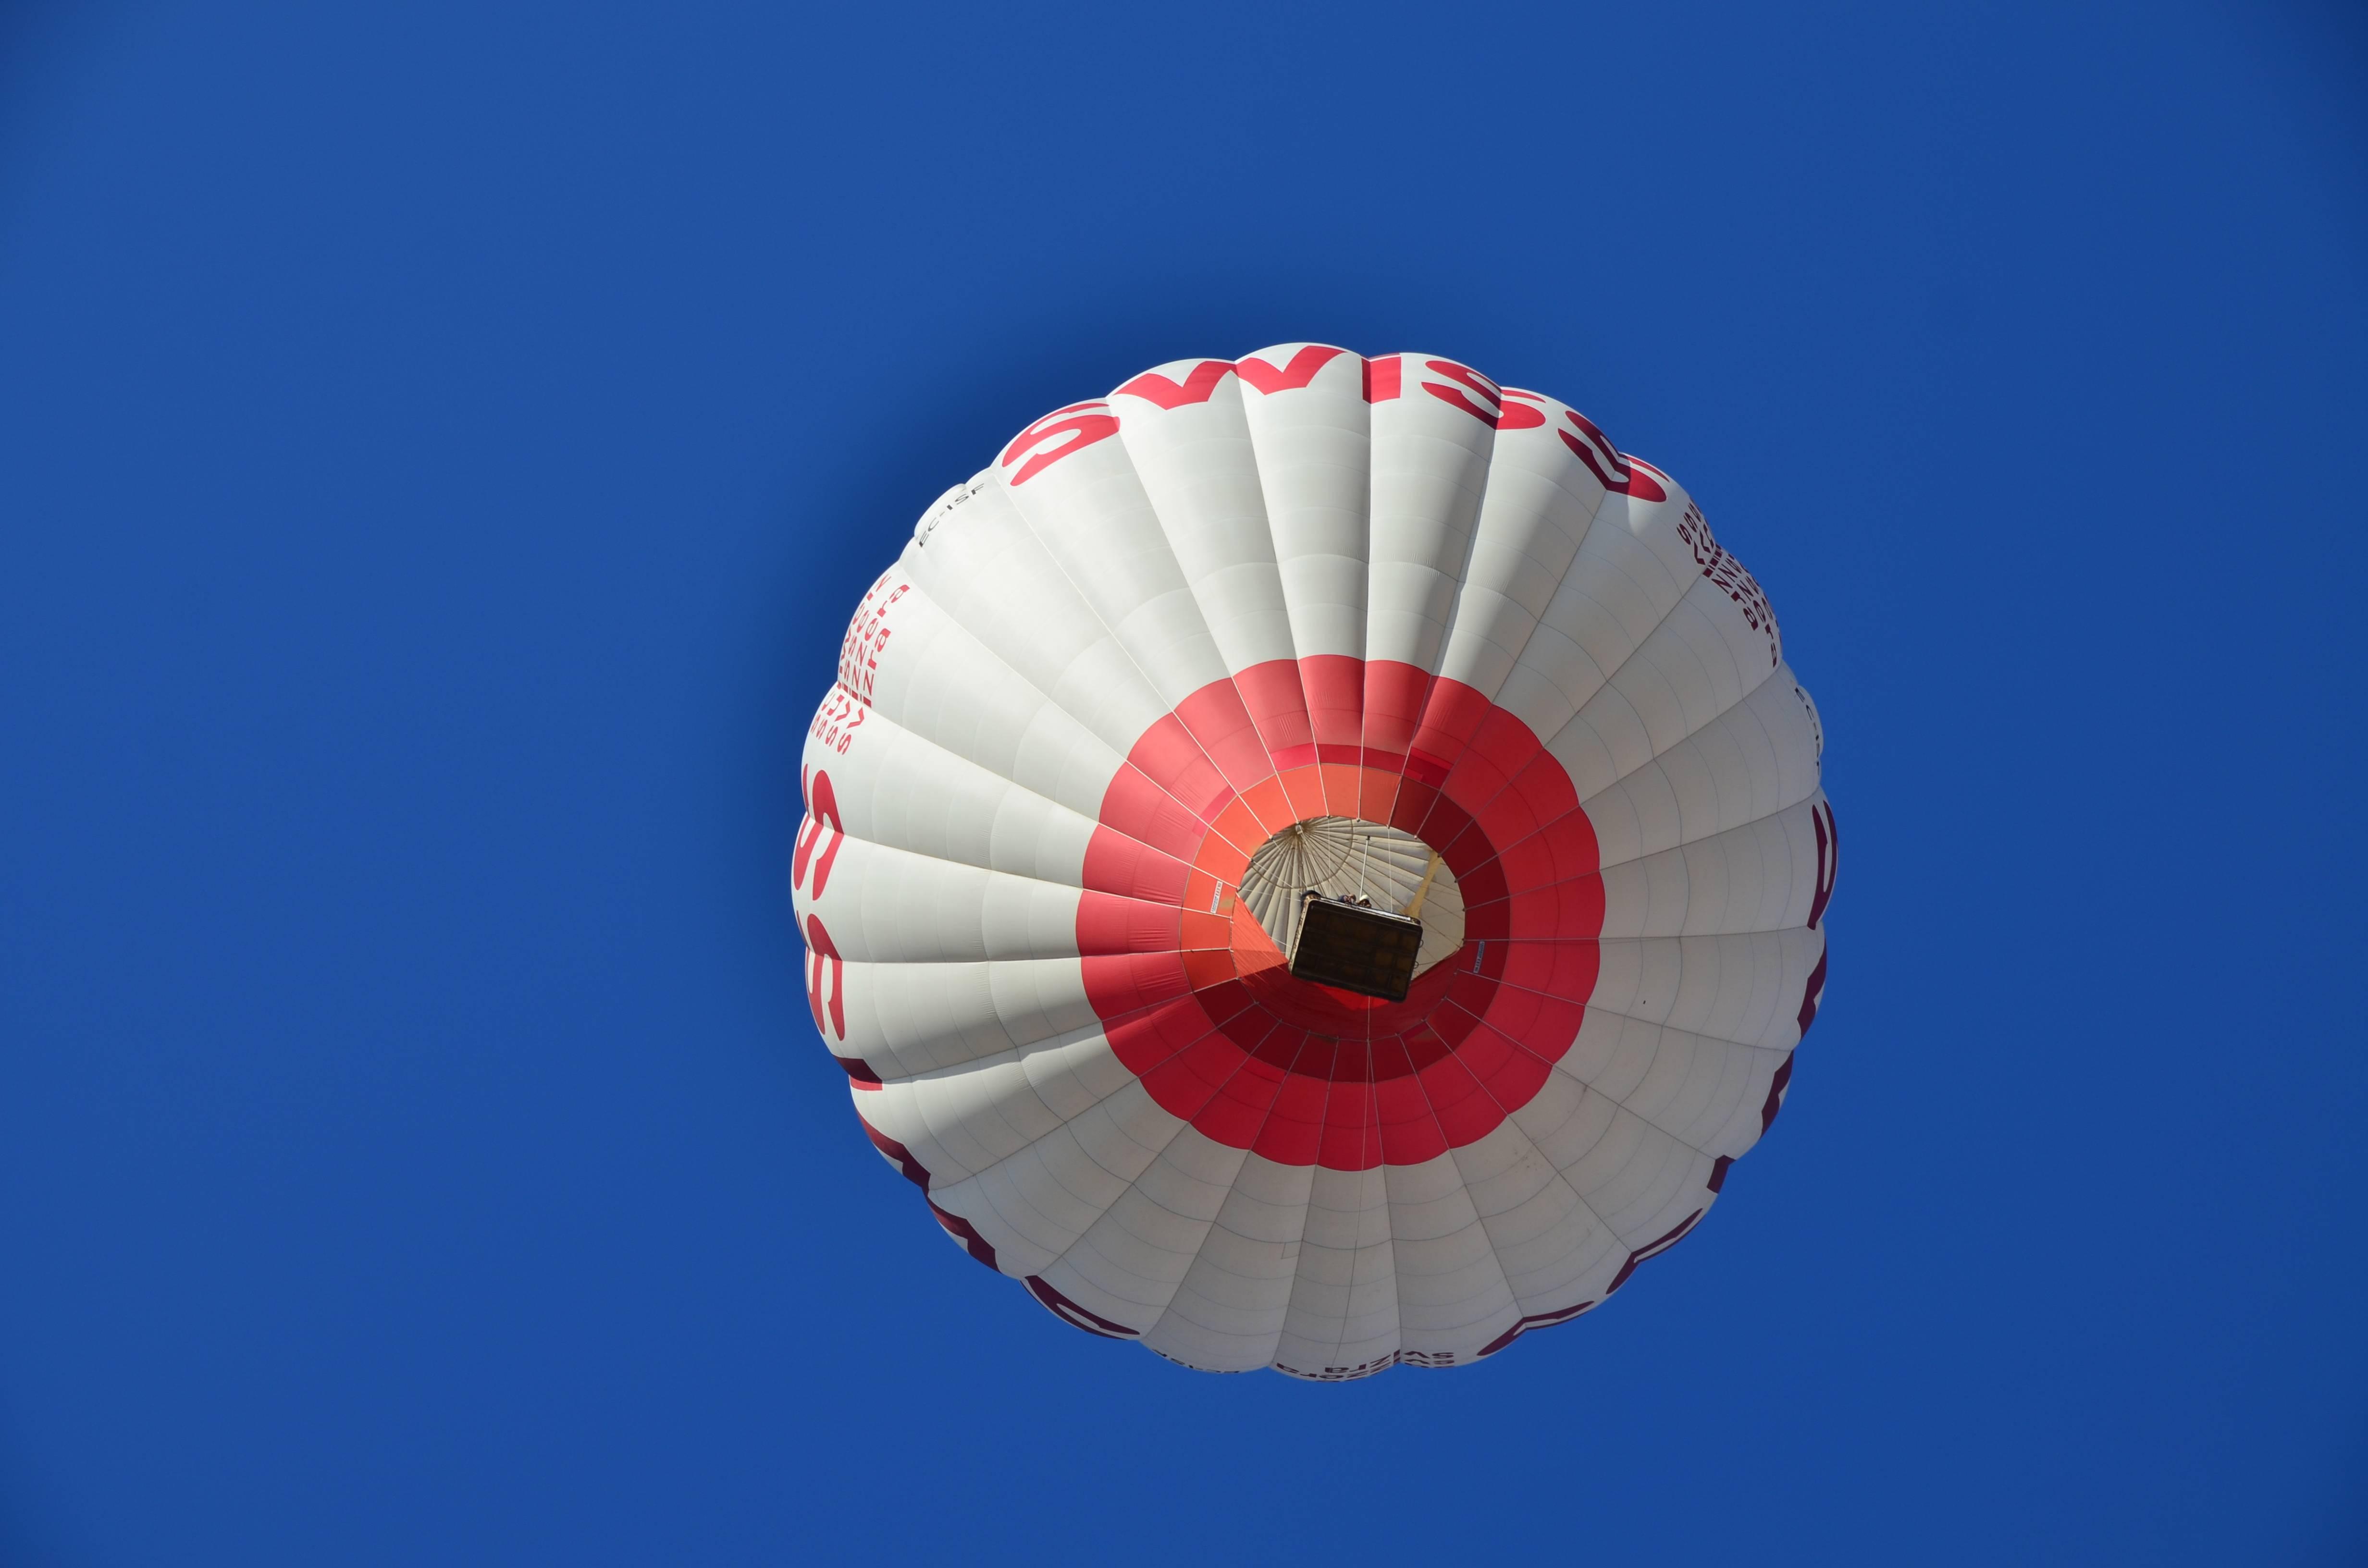 Hay limitaciones para subir en globo